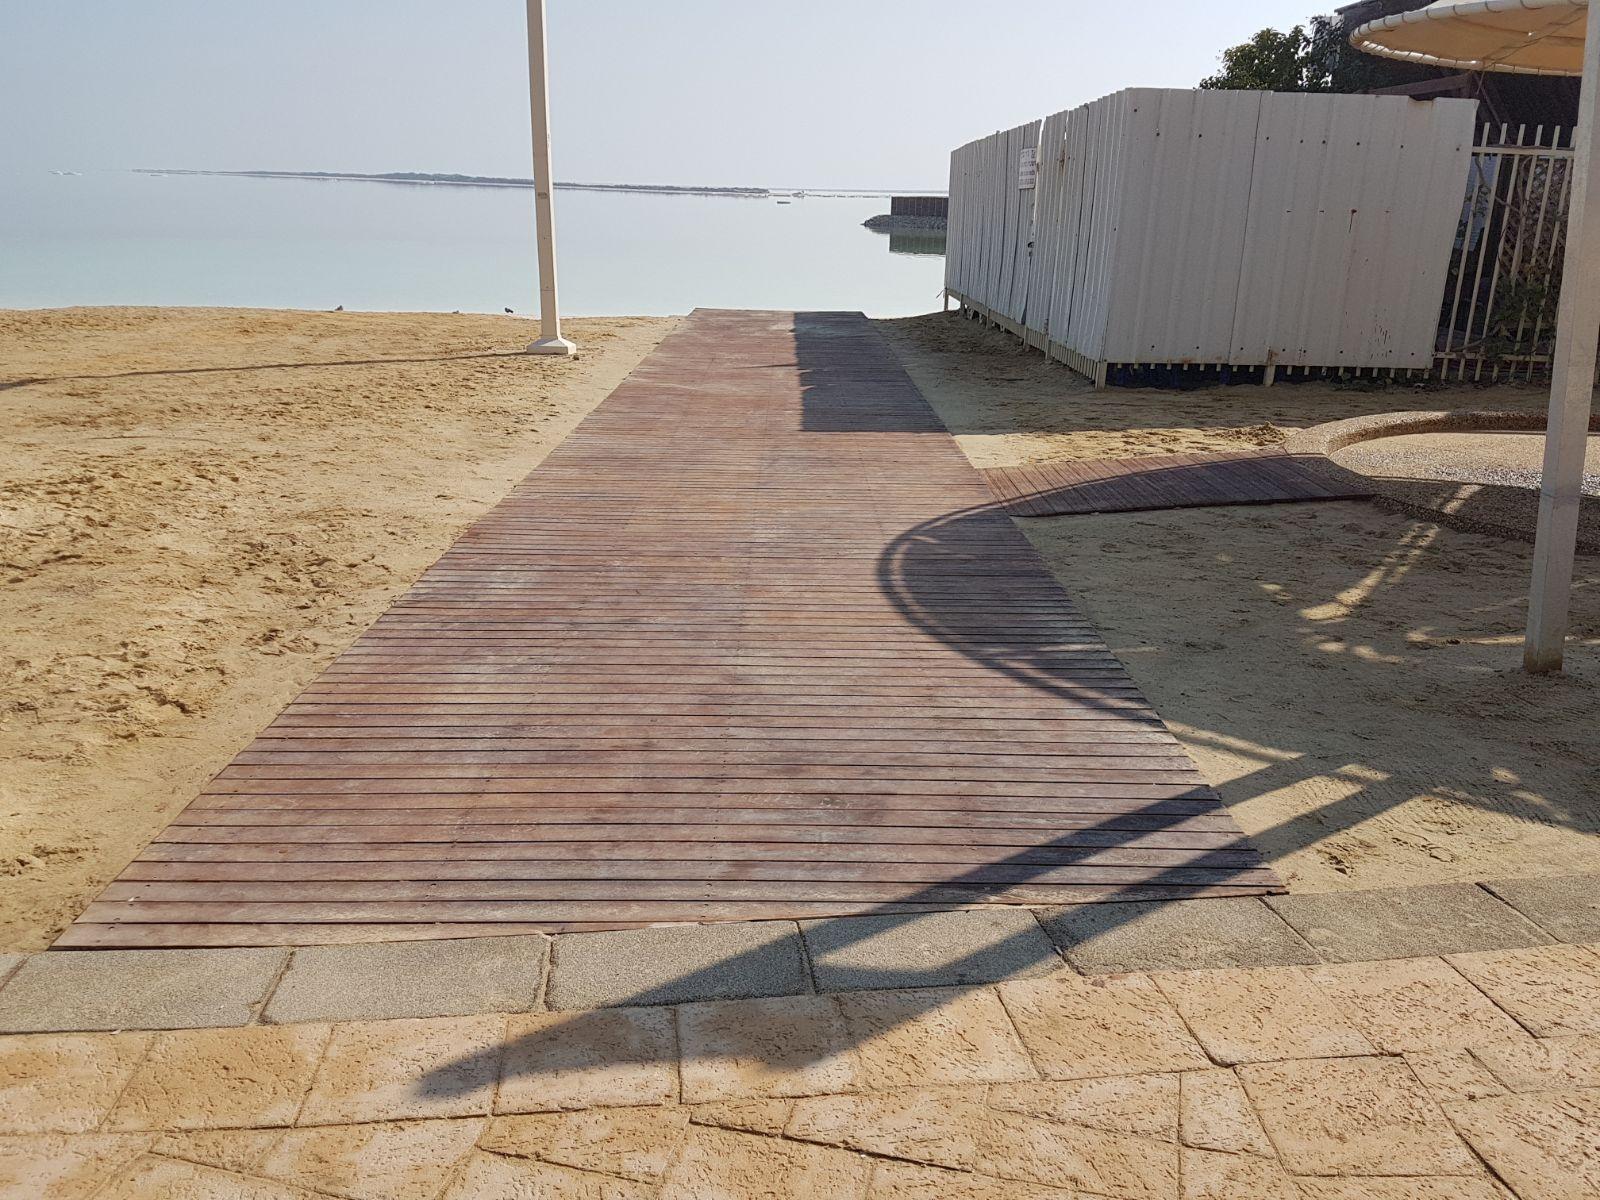 תיעוד: כך בונים מחדש את החוף הנפרד